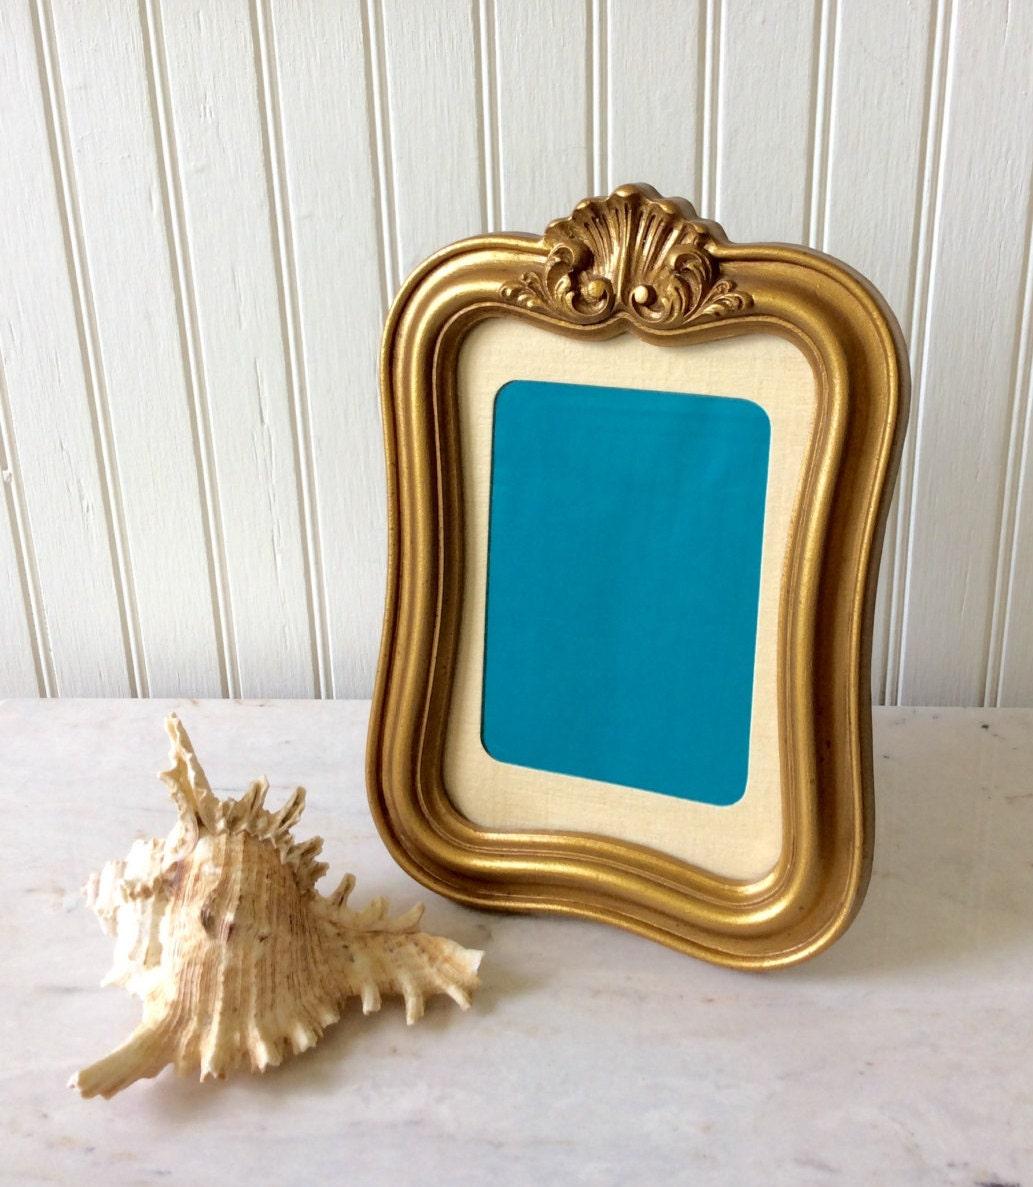 vintage gold ornate 5 x 7 picture frame shell design. Black Bedroom Furniture Sets. Home Design Ideas